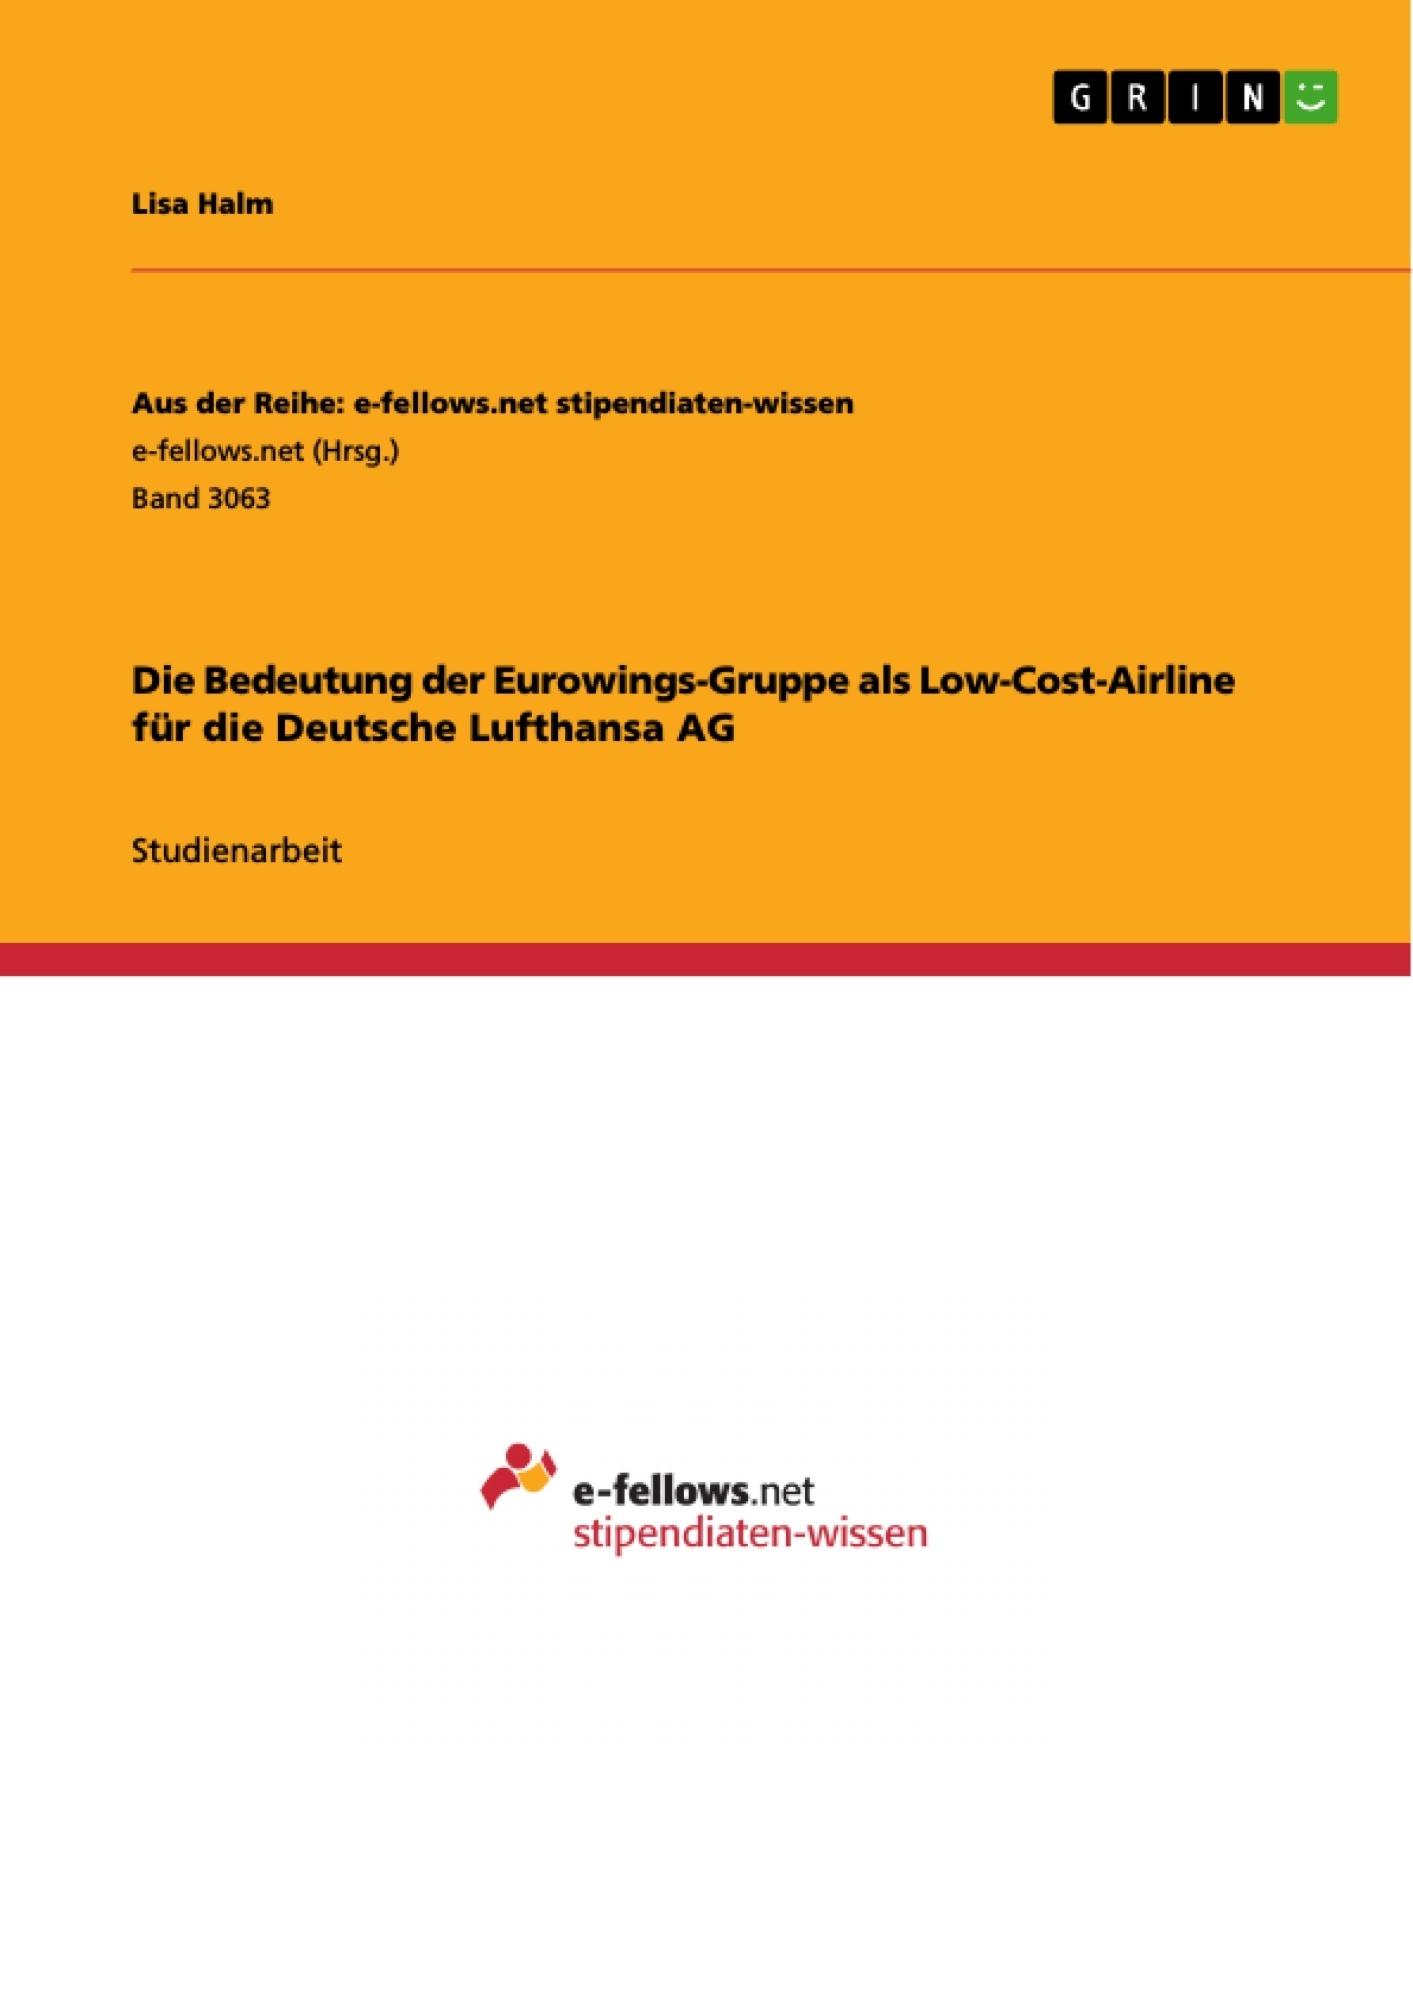 Titel: Die Bedeutung der Eurowings-Gruppe als Low-Cost-Airline für die Deutsche Lufthansa AG